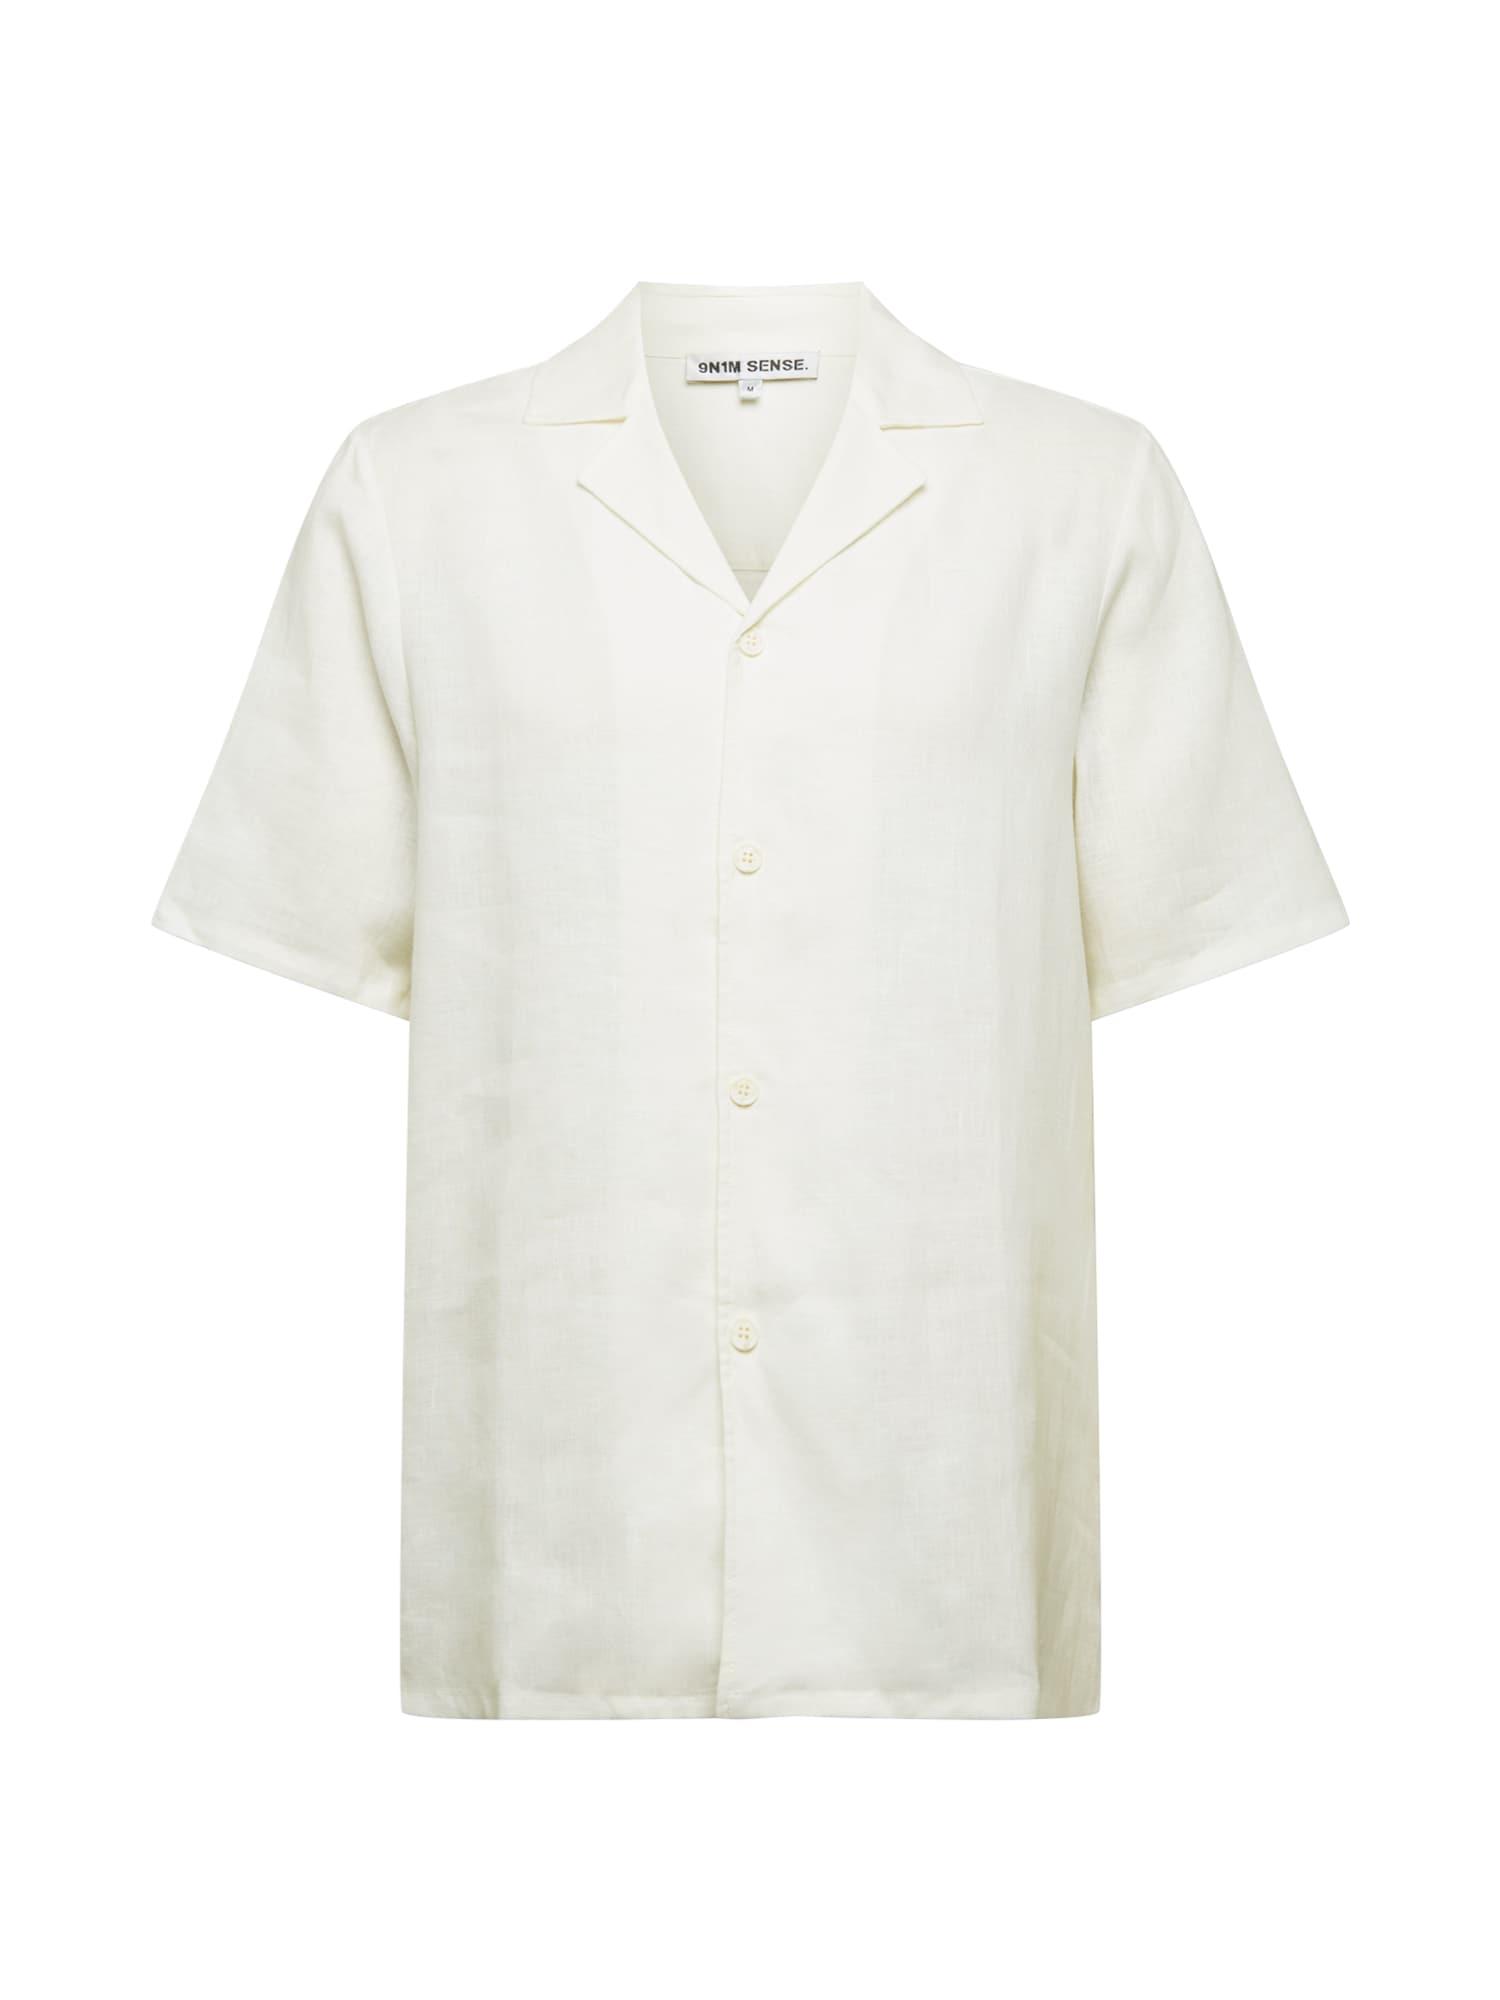 9N1M SENSE Marškiniai